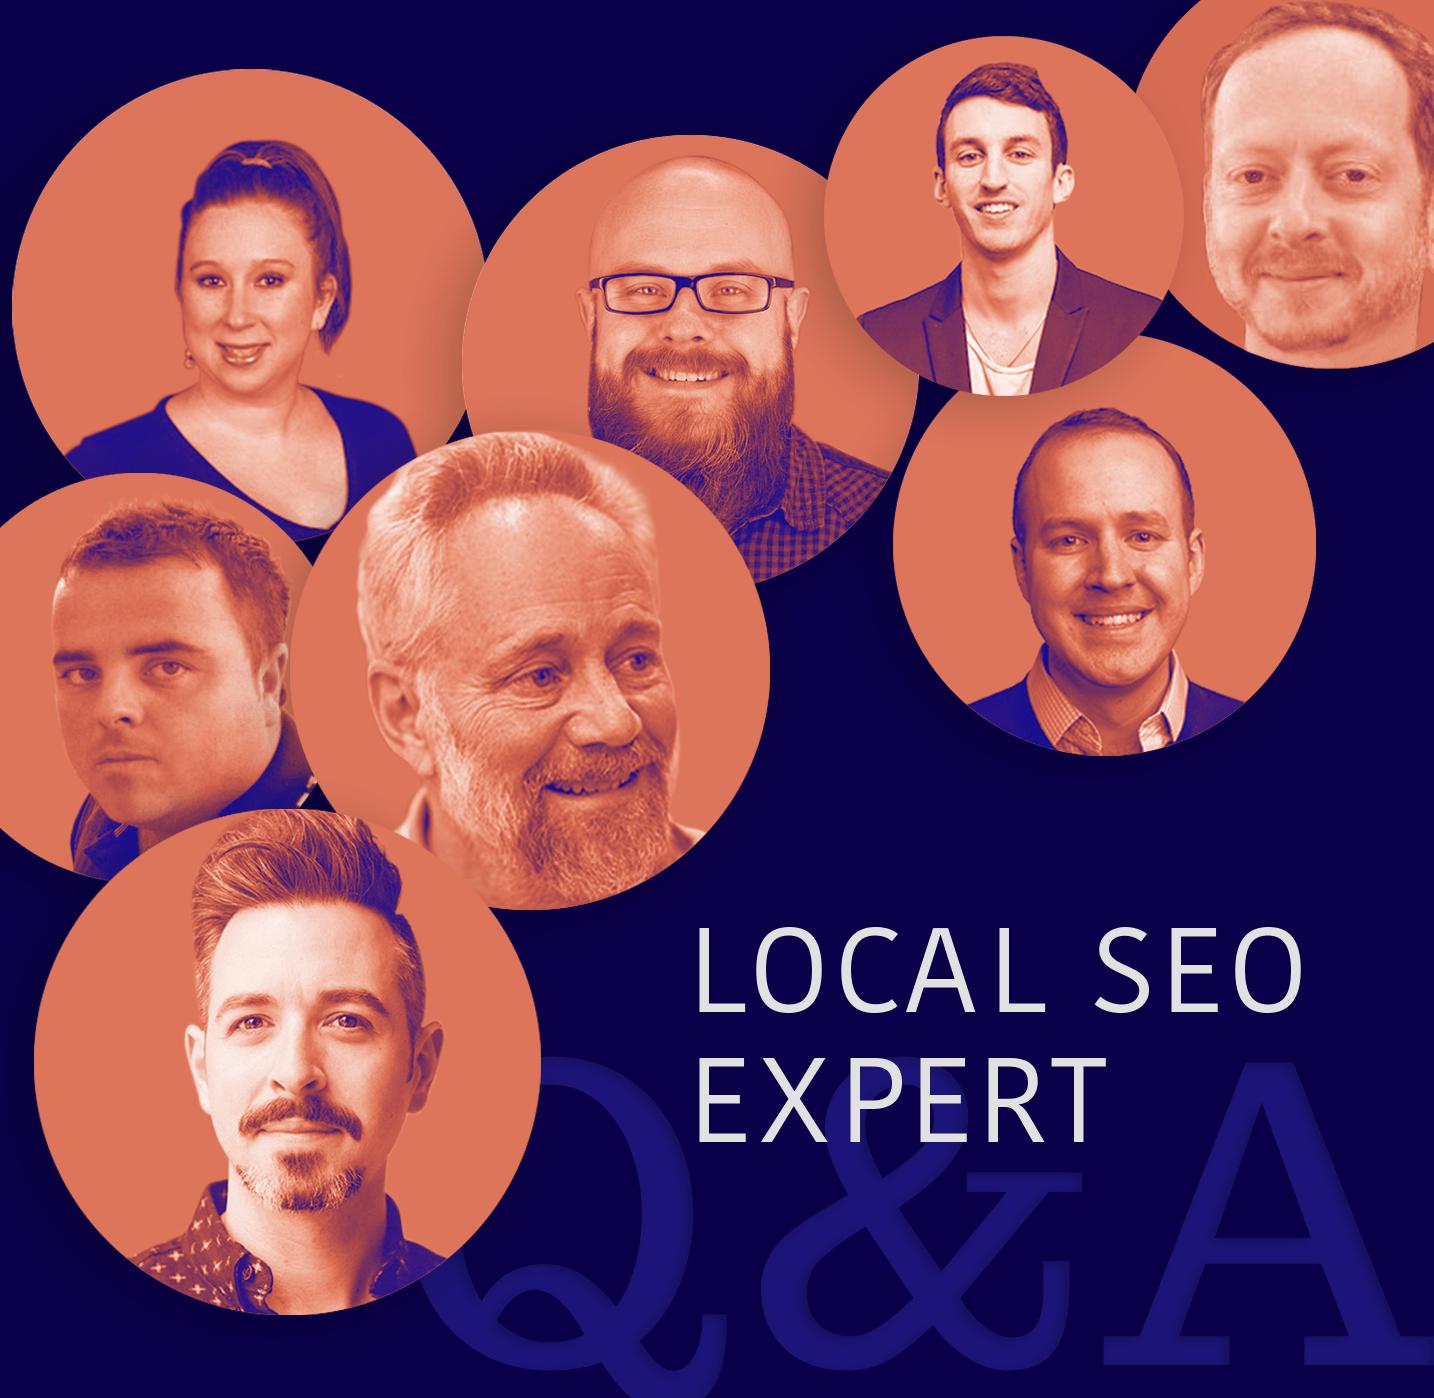 Local SEO Expert Q&A